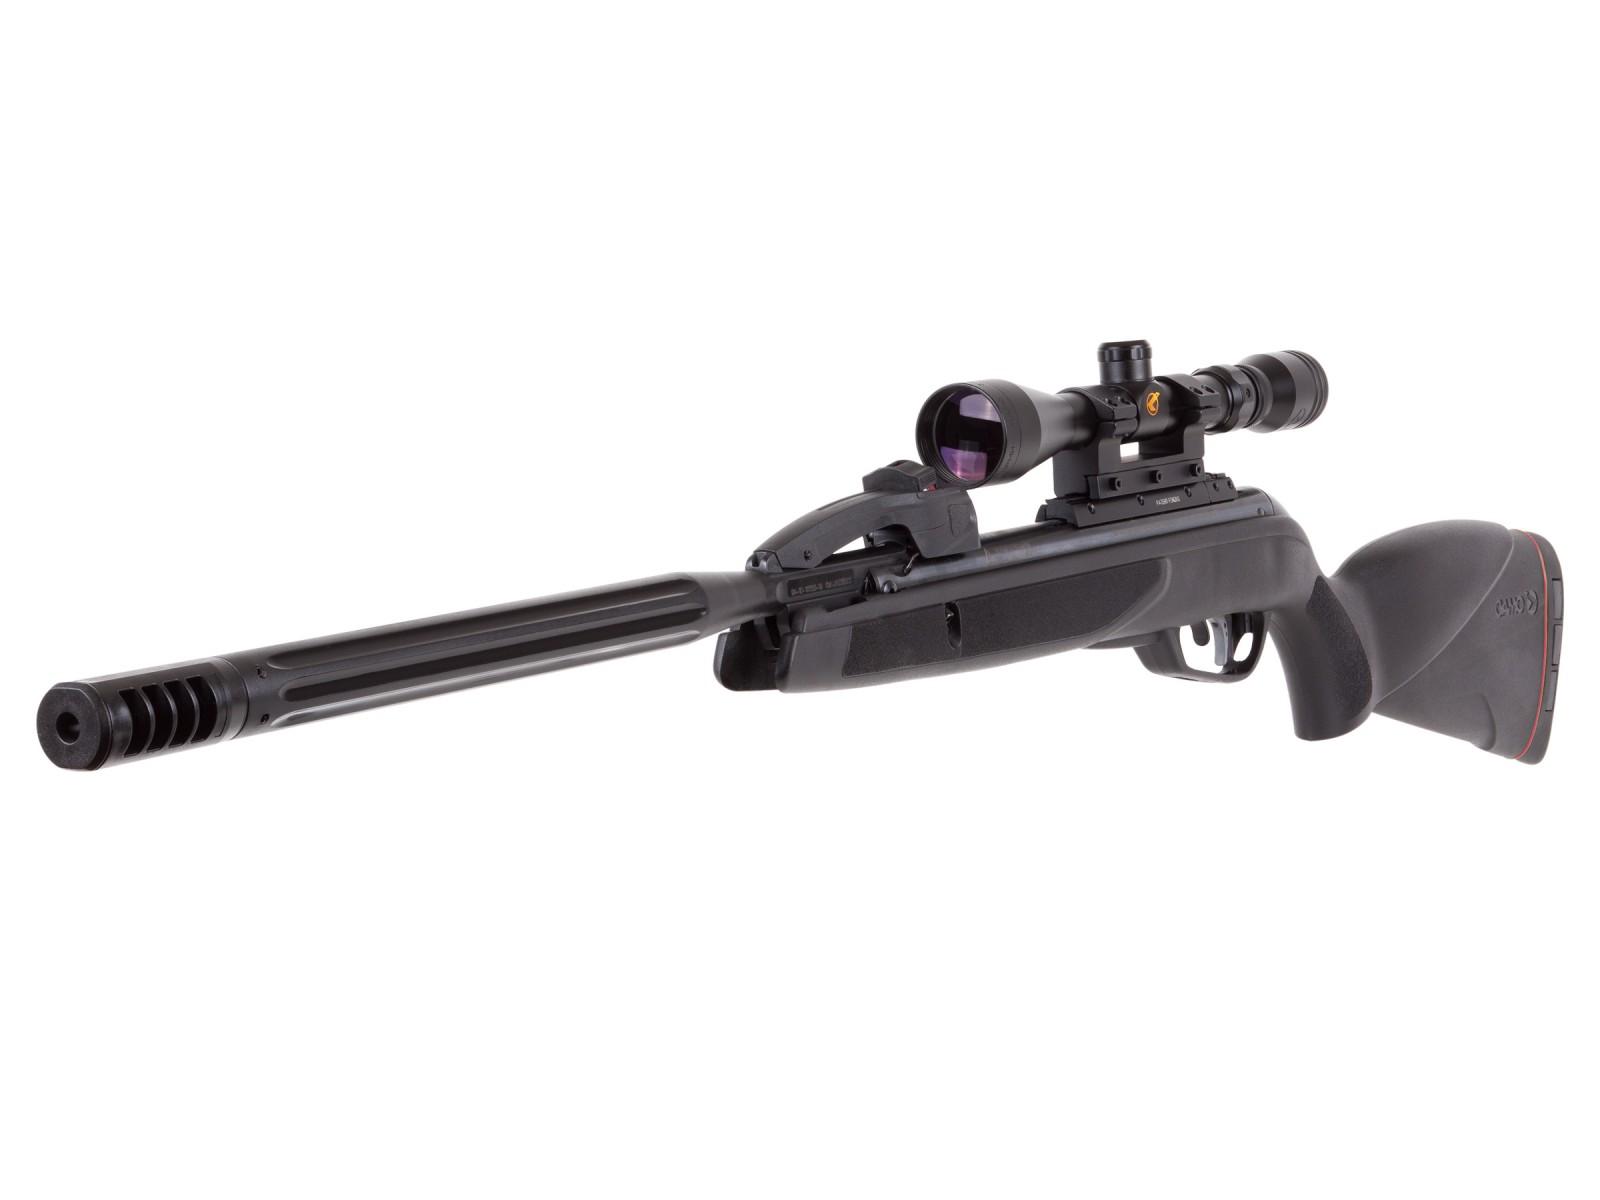 Cheap Gamo Swarm Maxxim Multi-shot Air Rifle 0.22